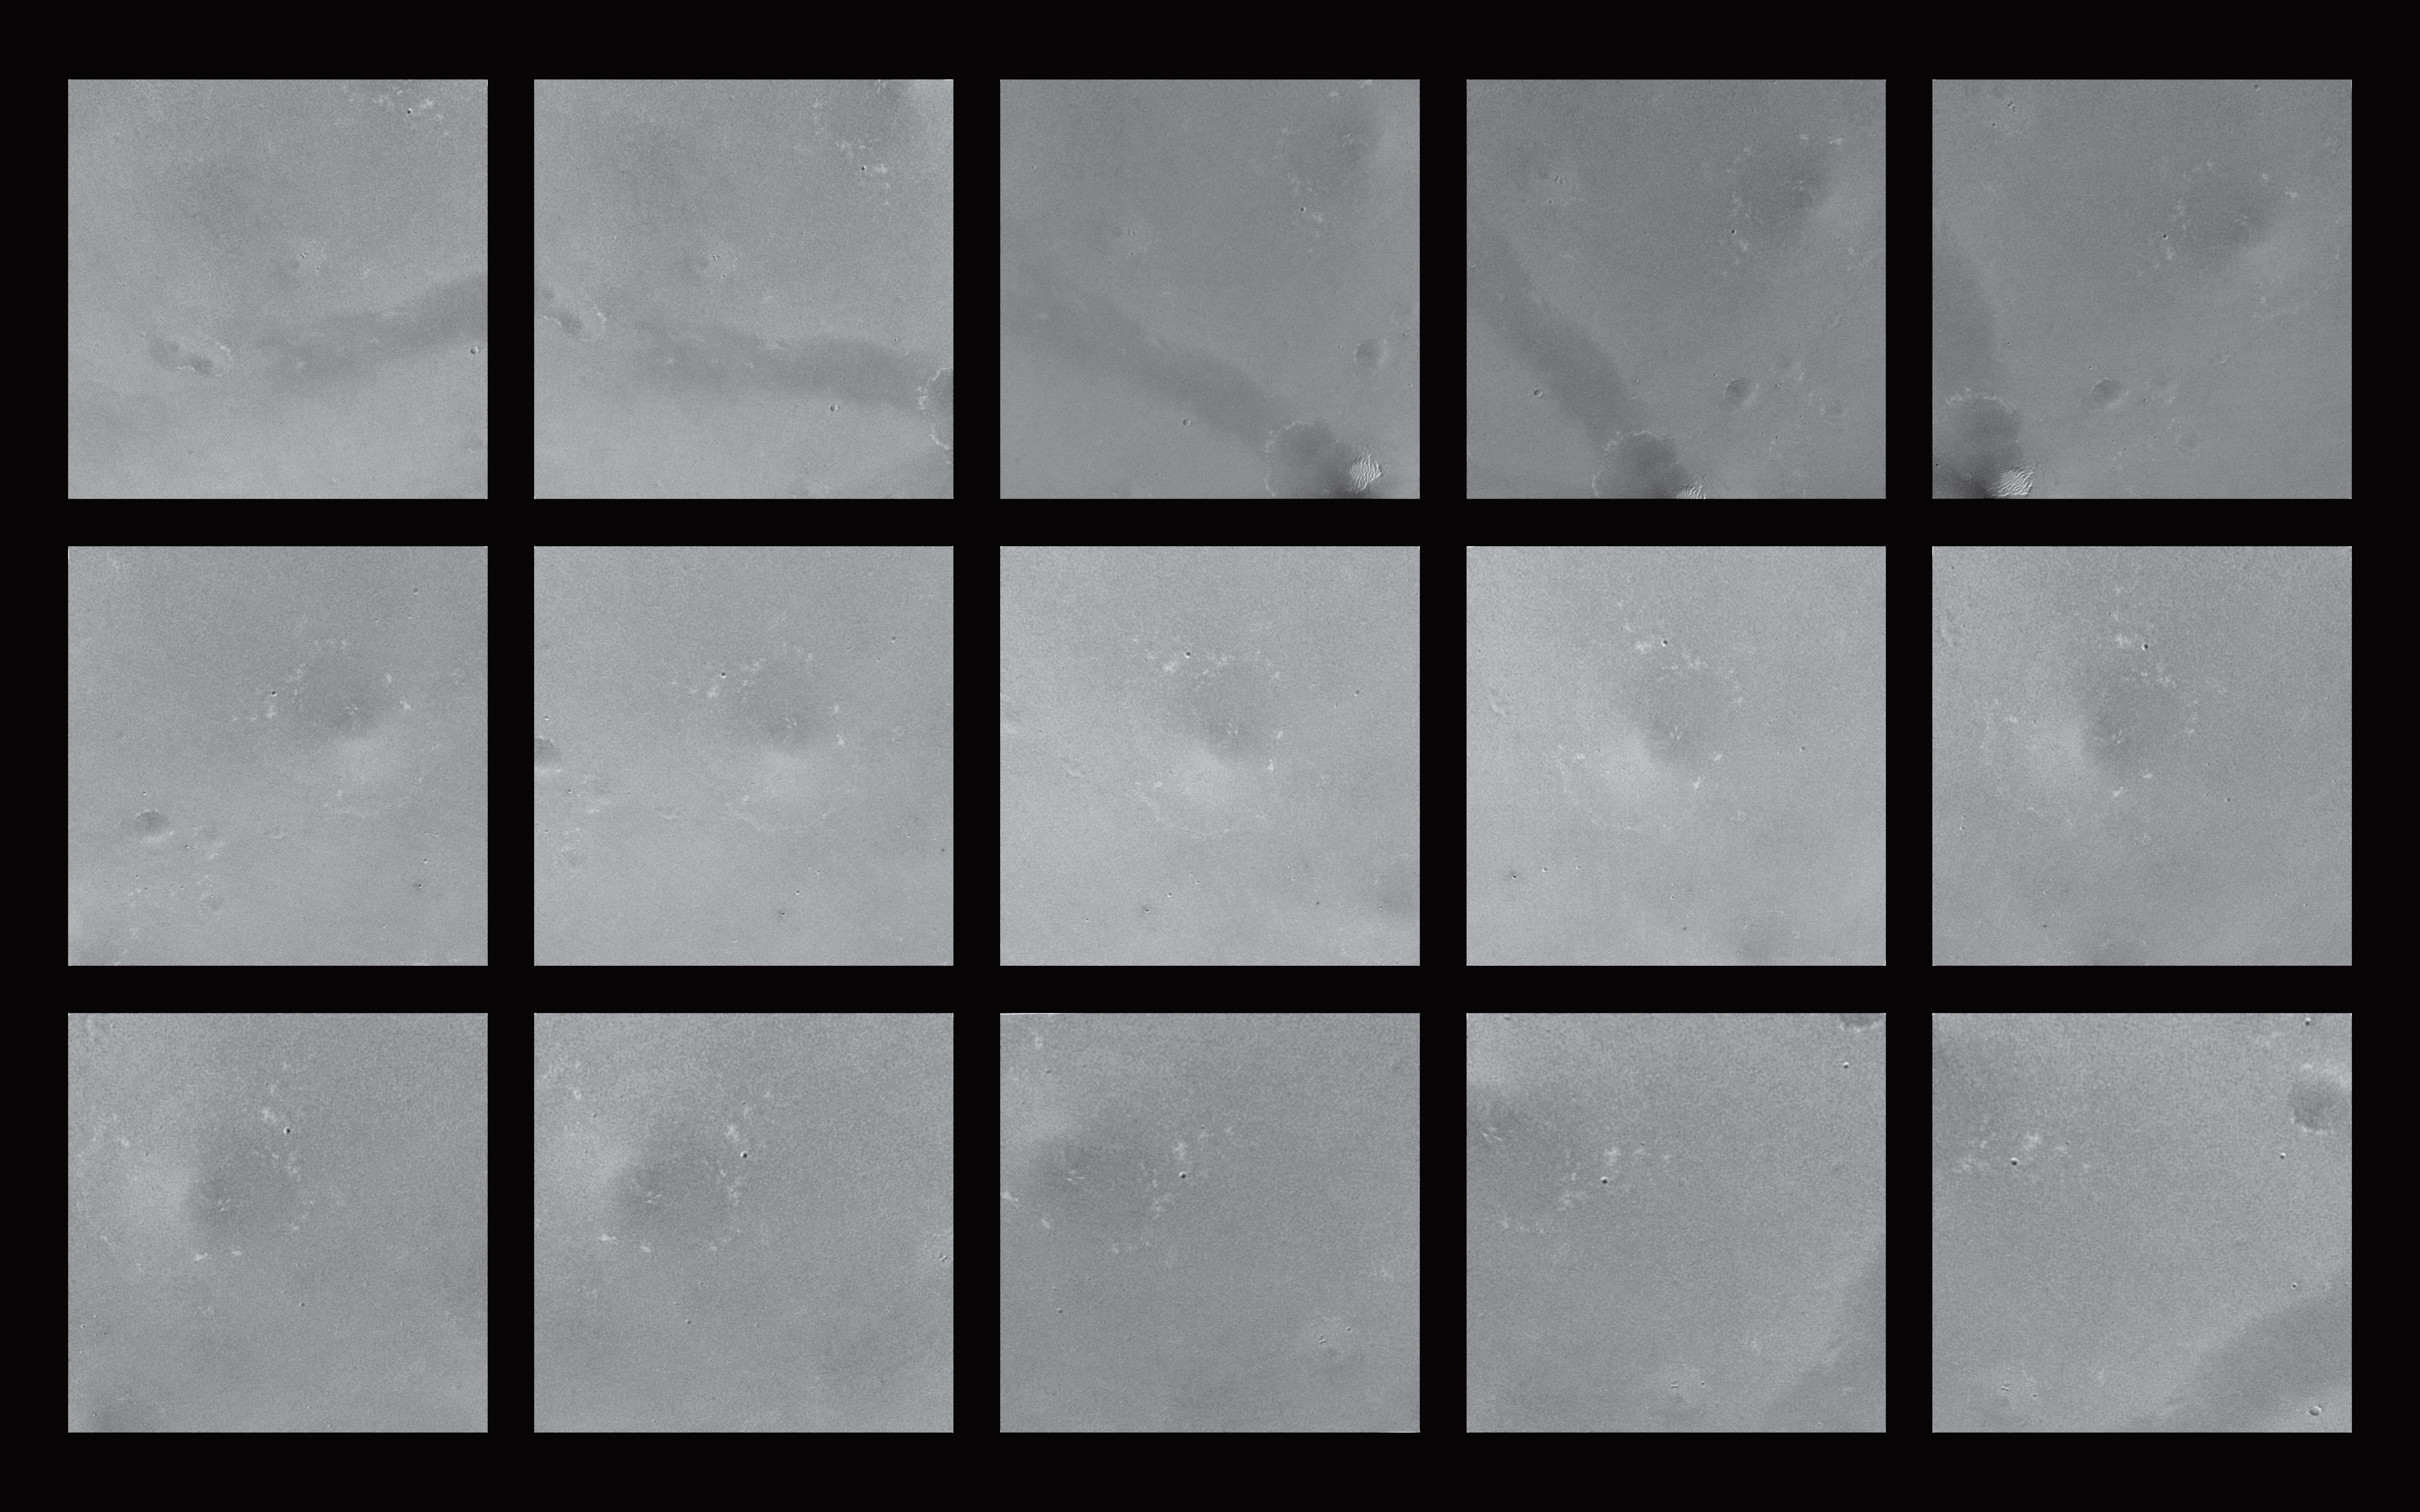 1567214593029-ExoMars2016_Schiaparelli_simulated_descent_images.jpg